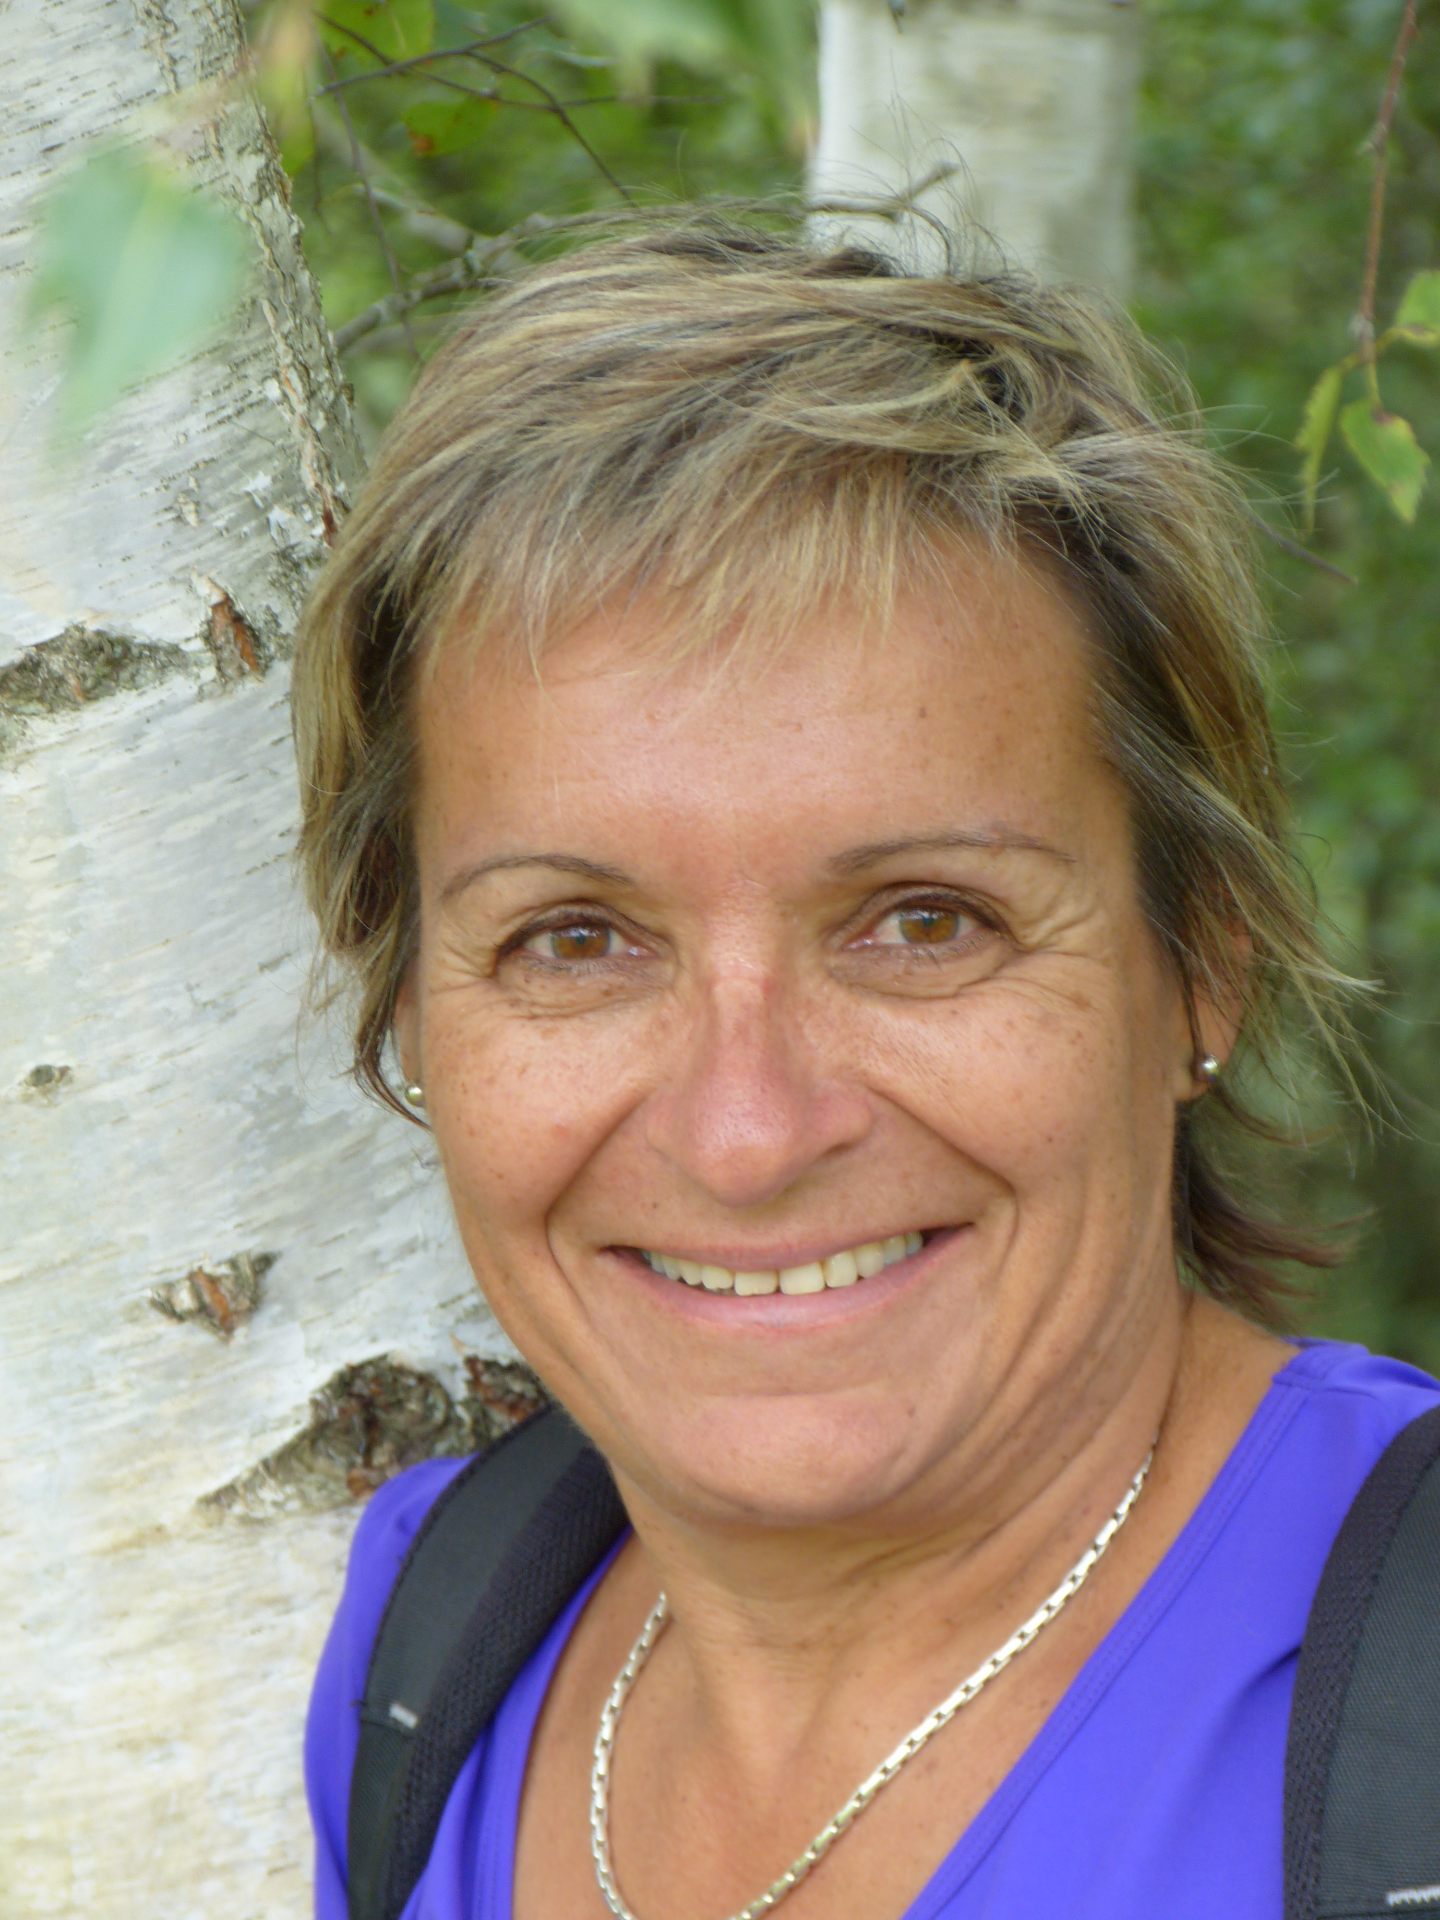 Martine Alto